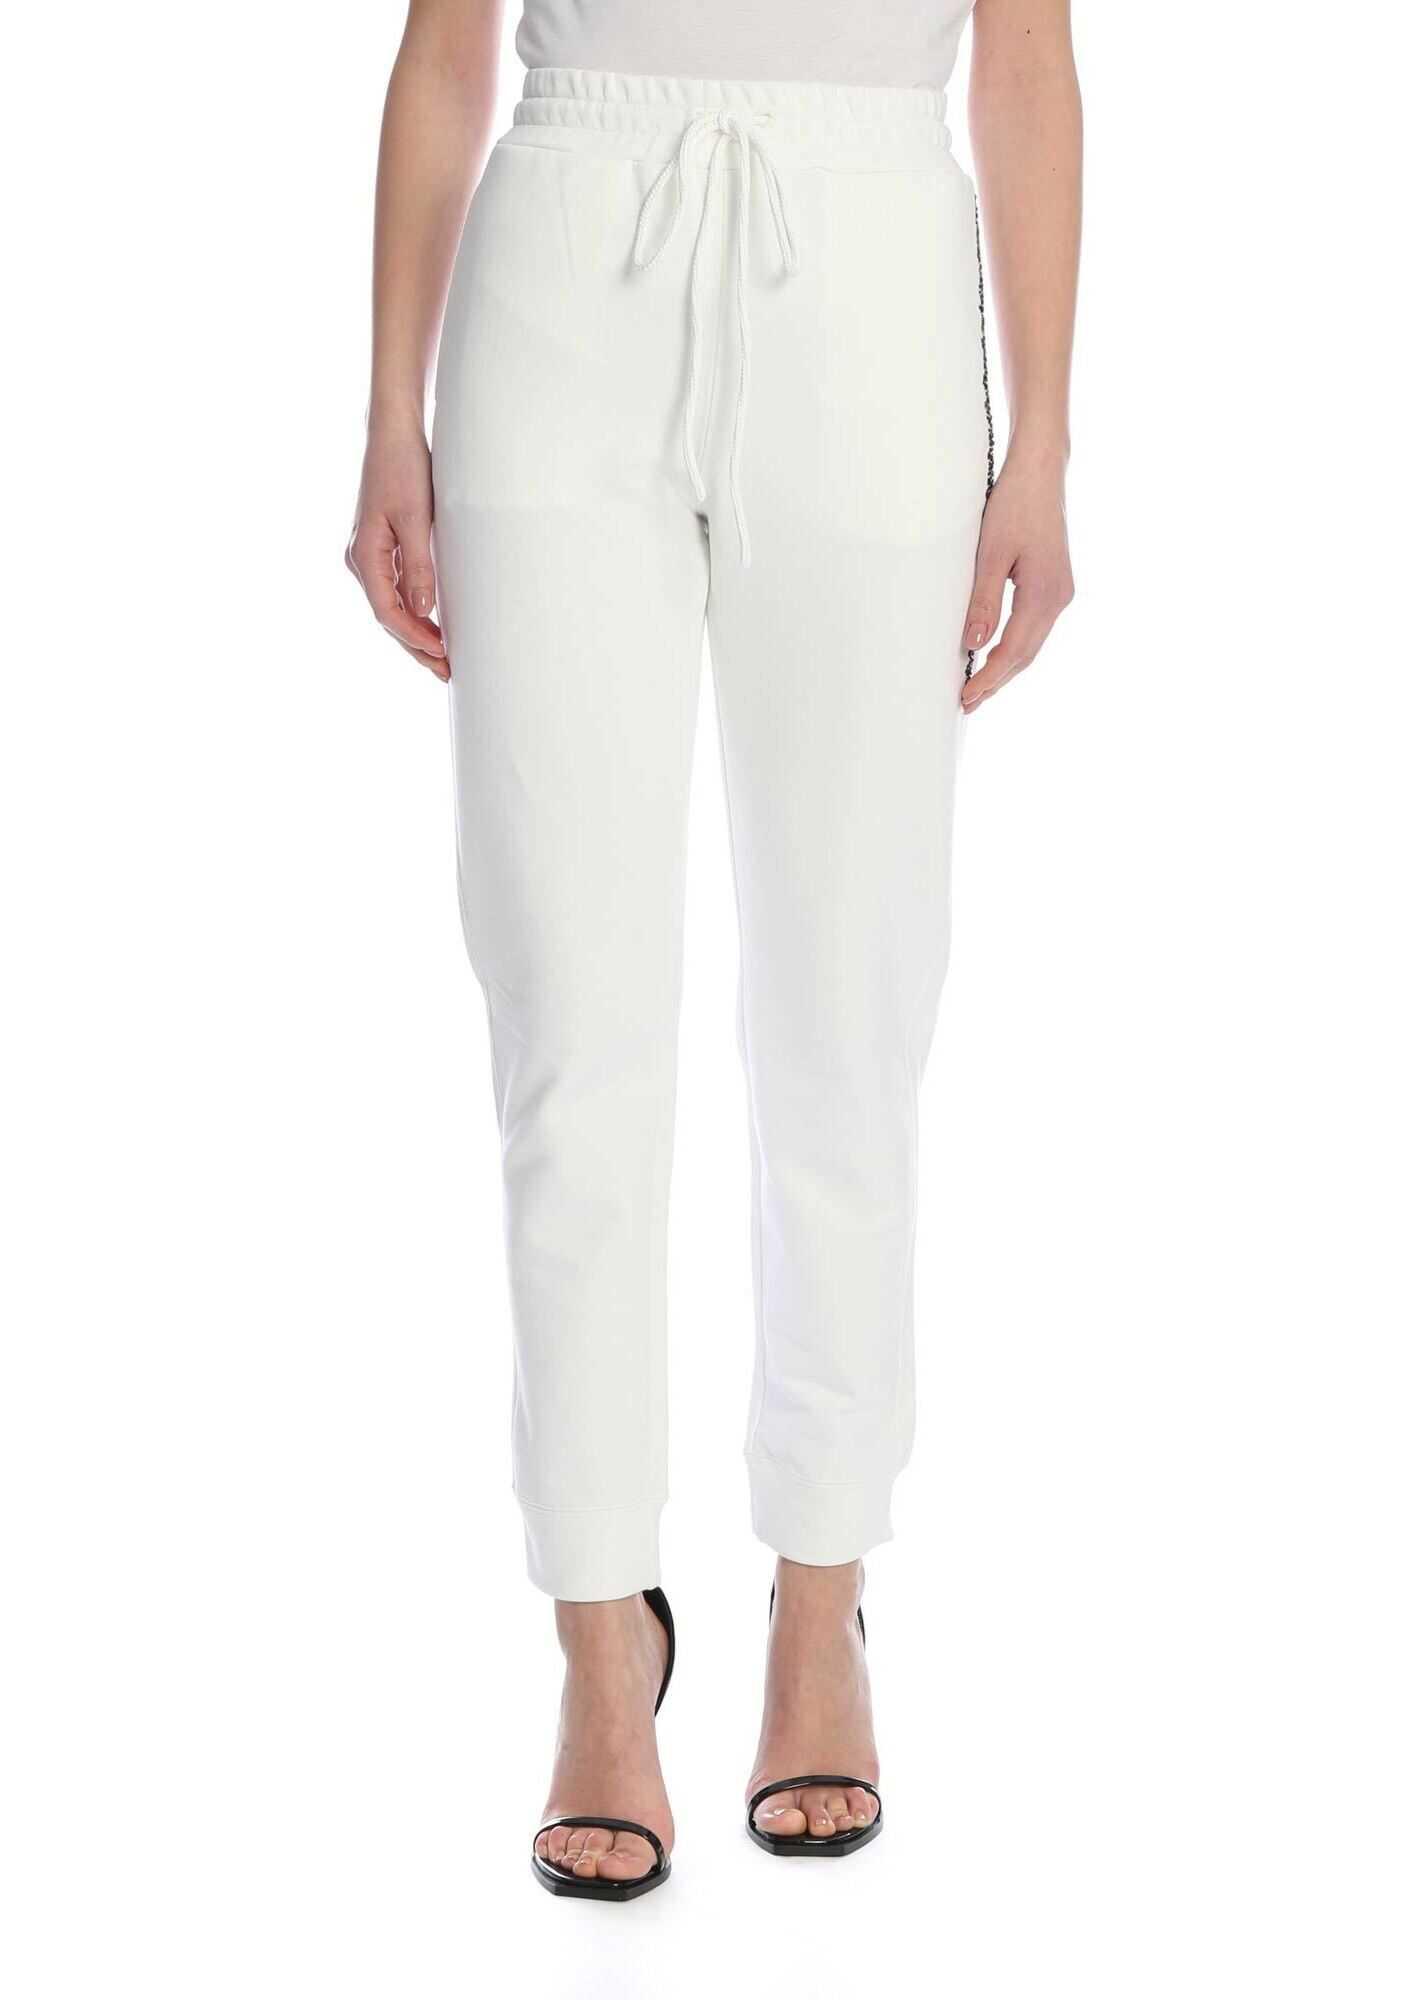 Ermanno Scervino Sweatpants With Rhinestones In White White